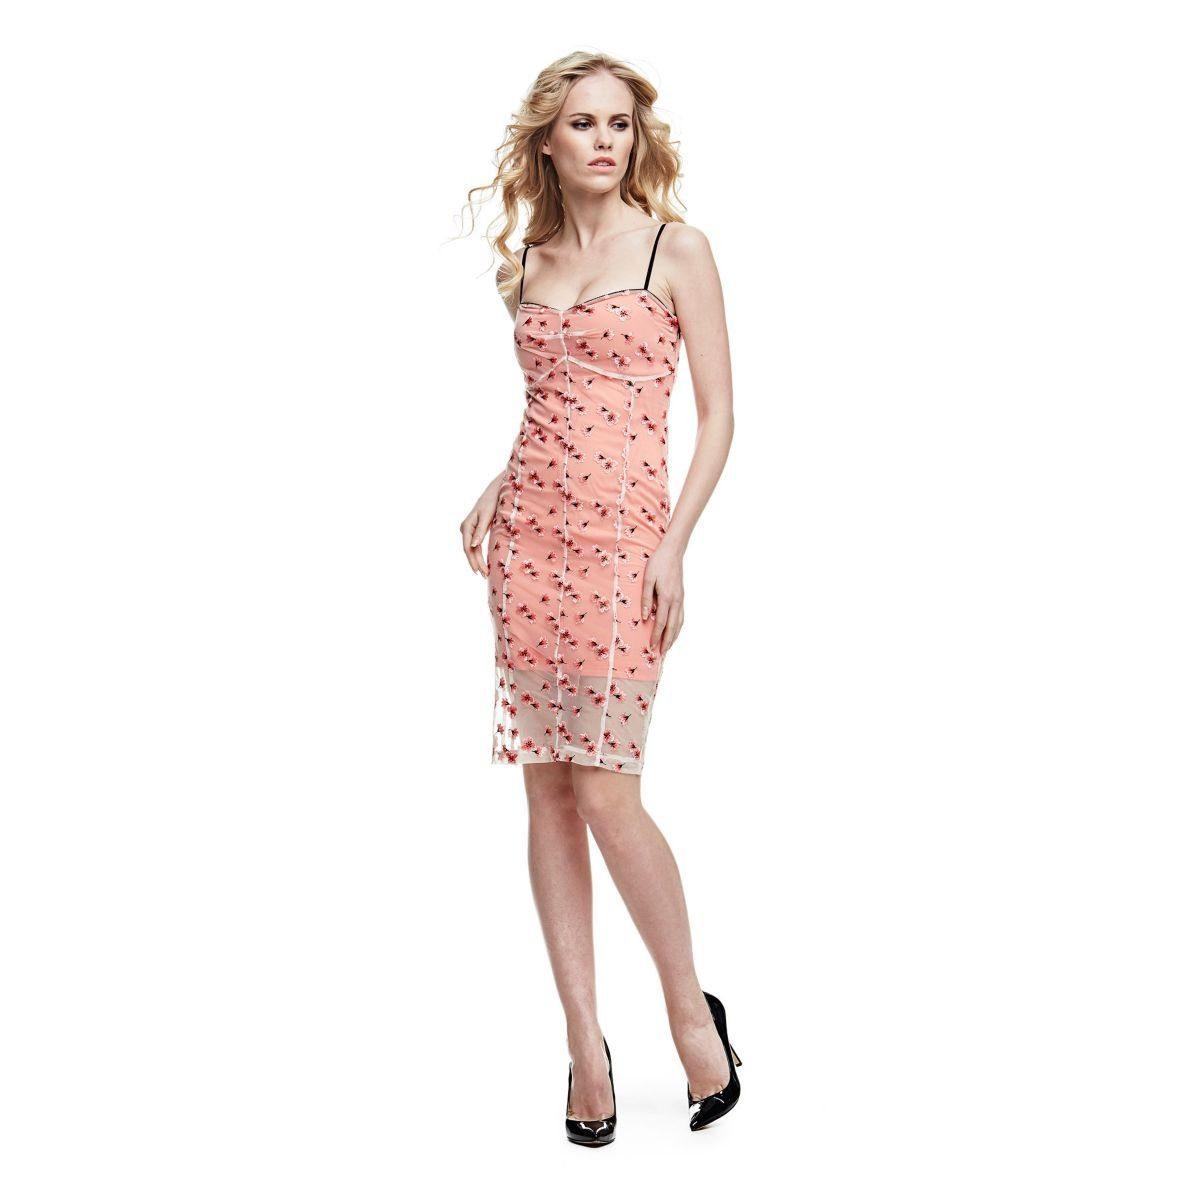 10 Einfach Online Shop Kleider für 201910 Großartig Online Shop Kleider Ärmel